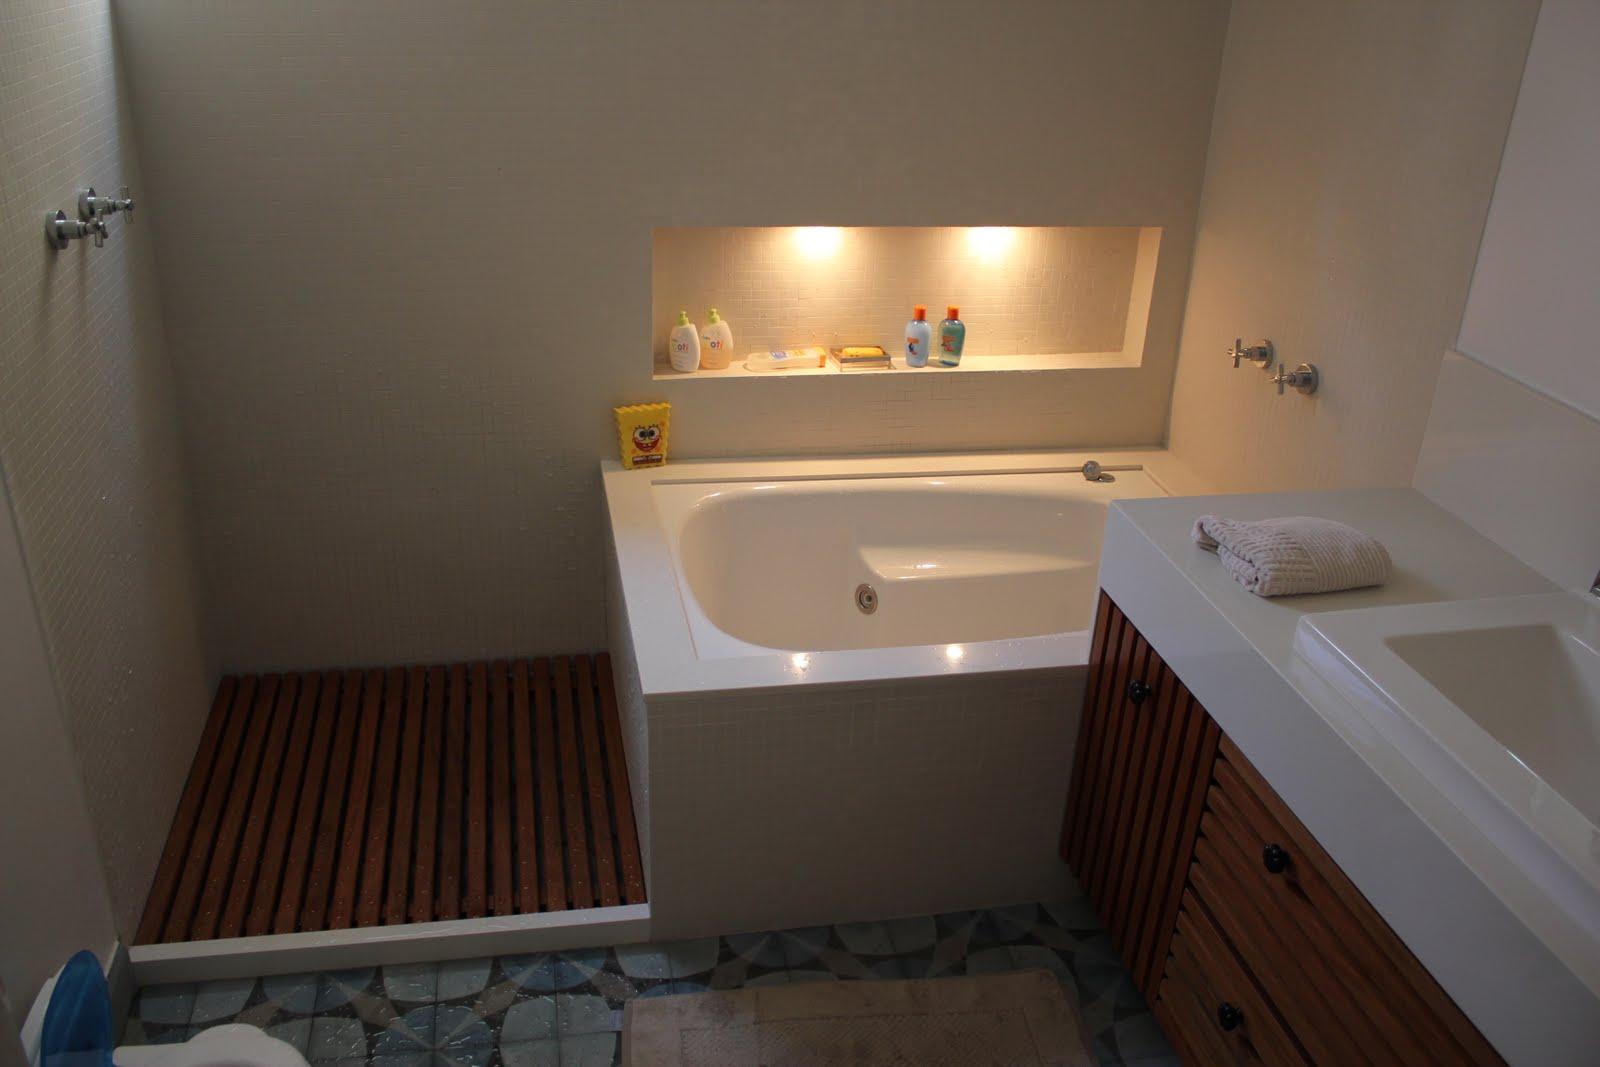 #A96C22 De Sion Marcenaria: Lindo banheiro em Madeira Maciça 1600x1067 px Banheiro Madeira 2833